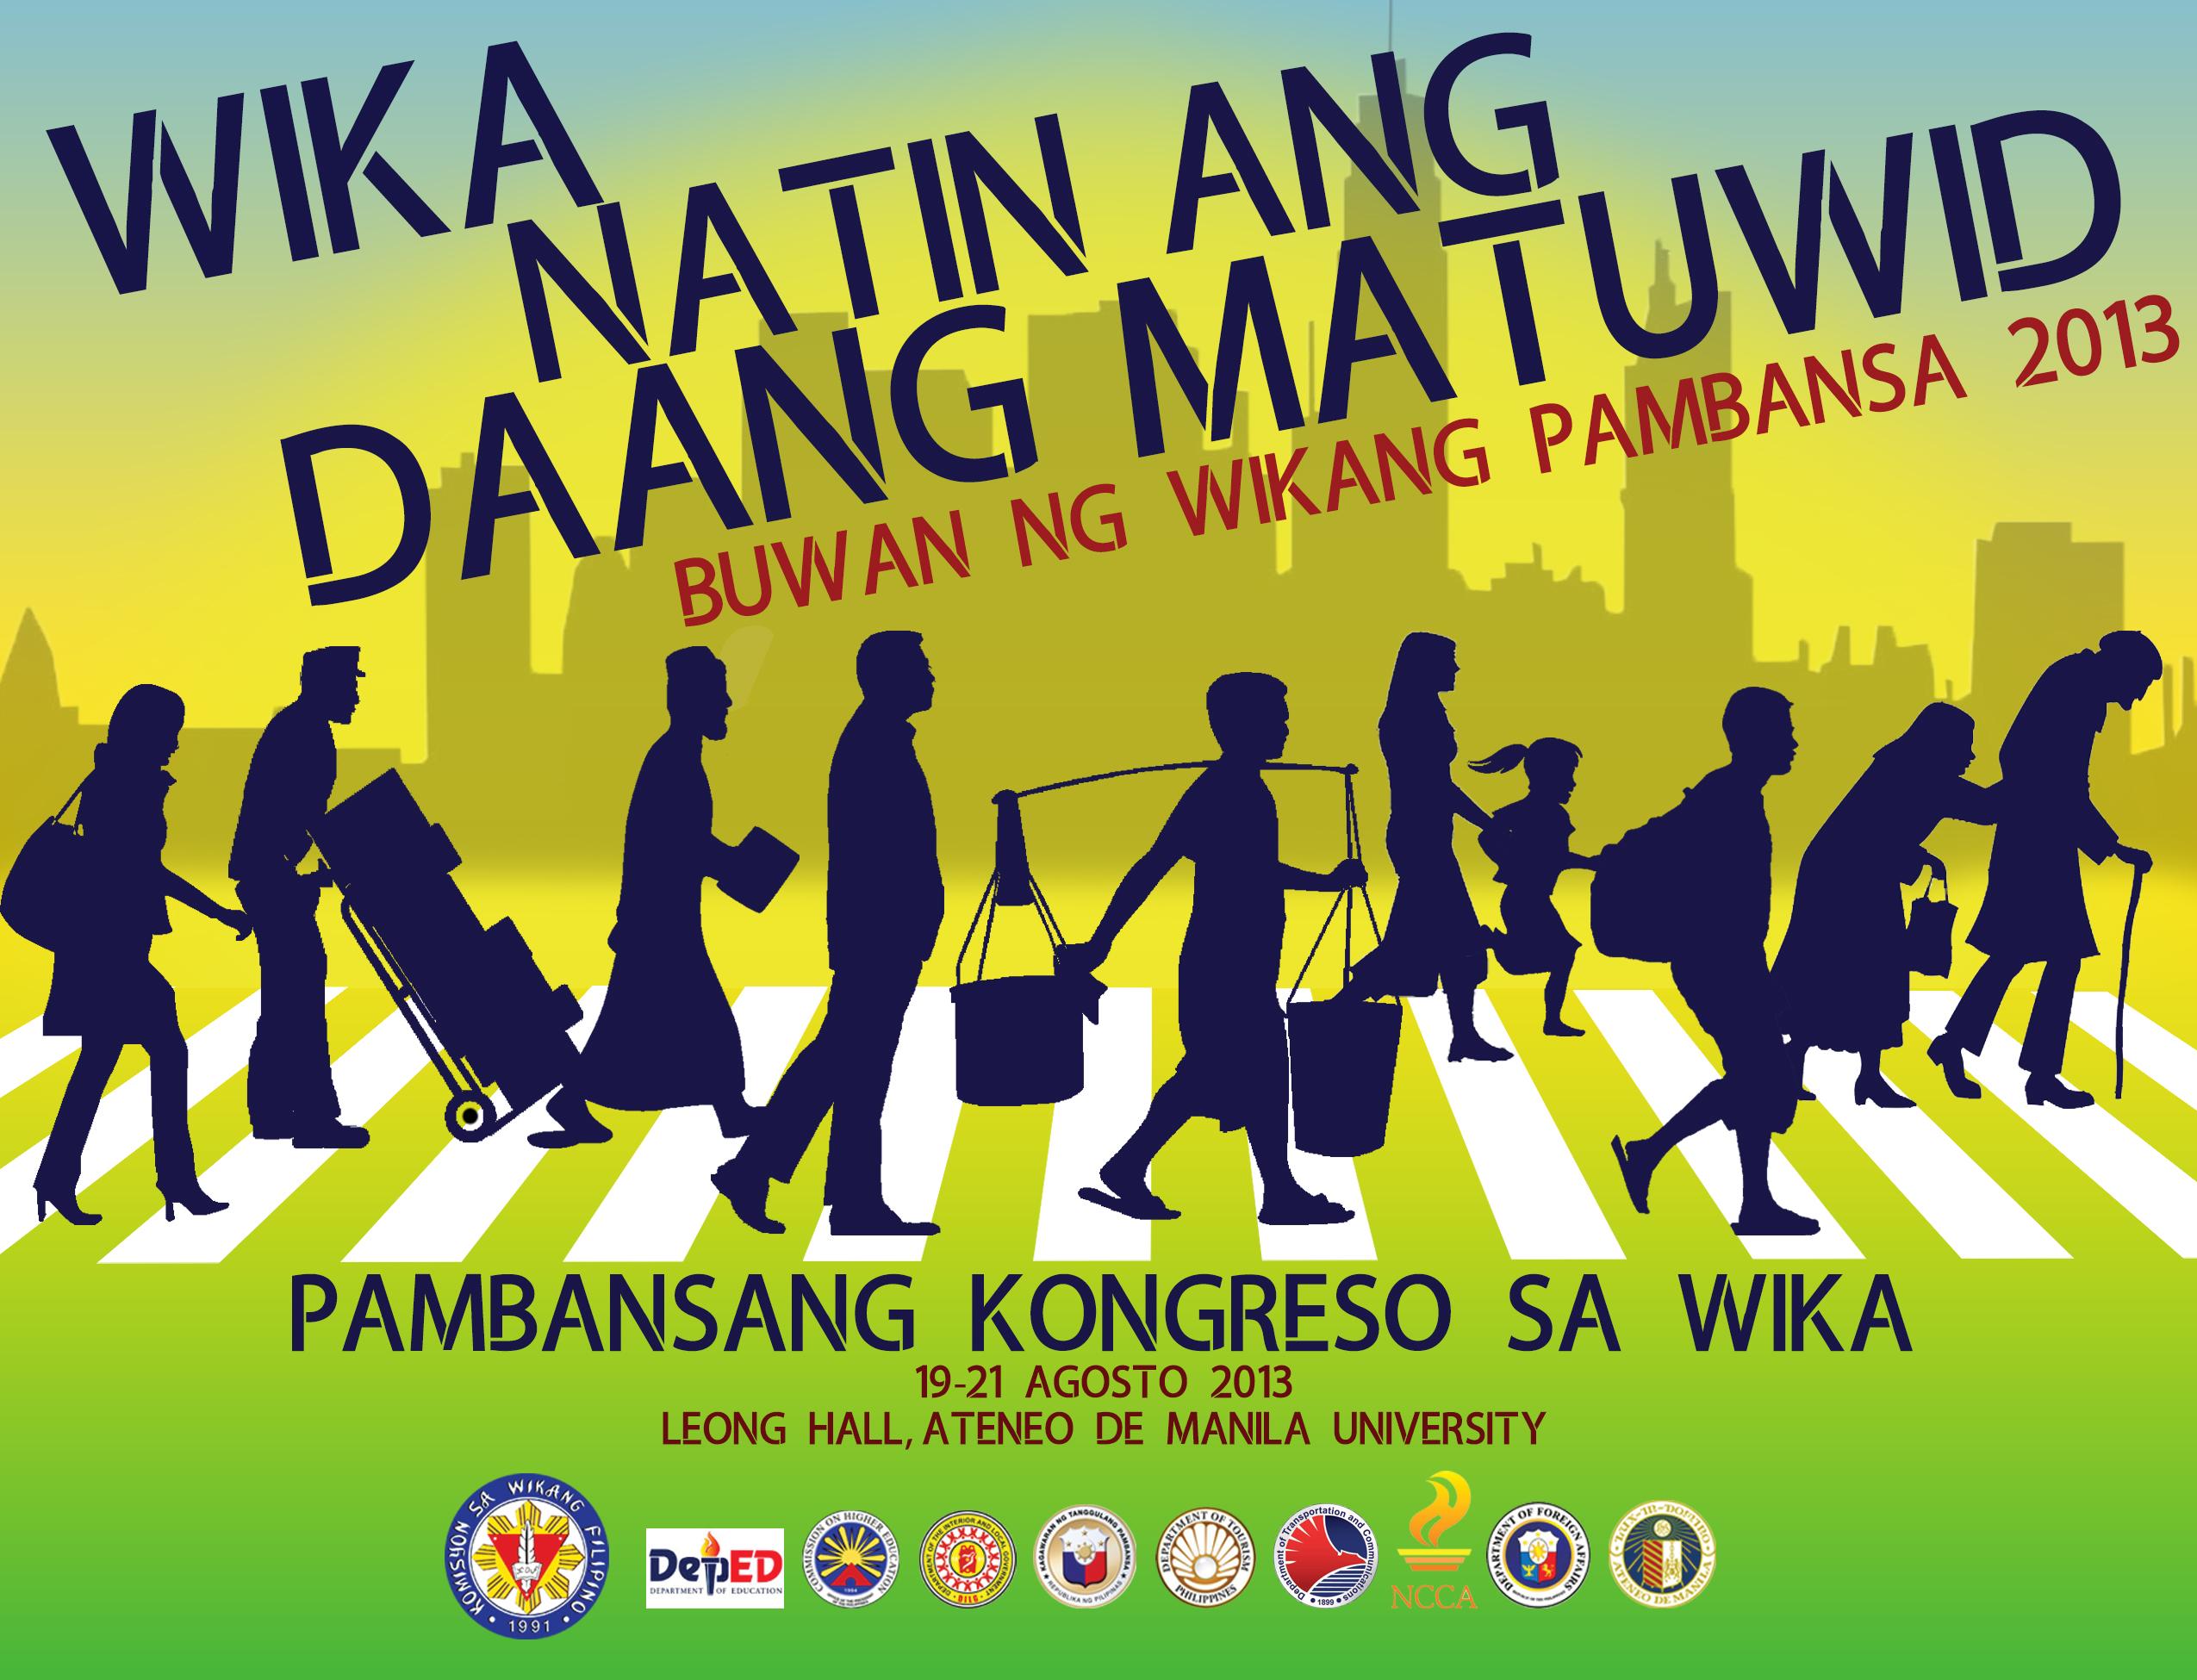 Buwan ng Wika again?